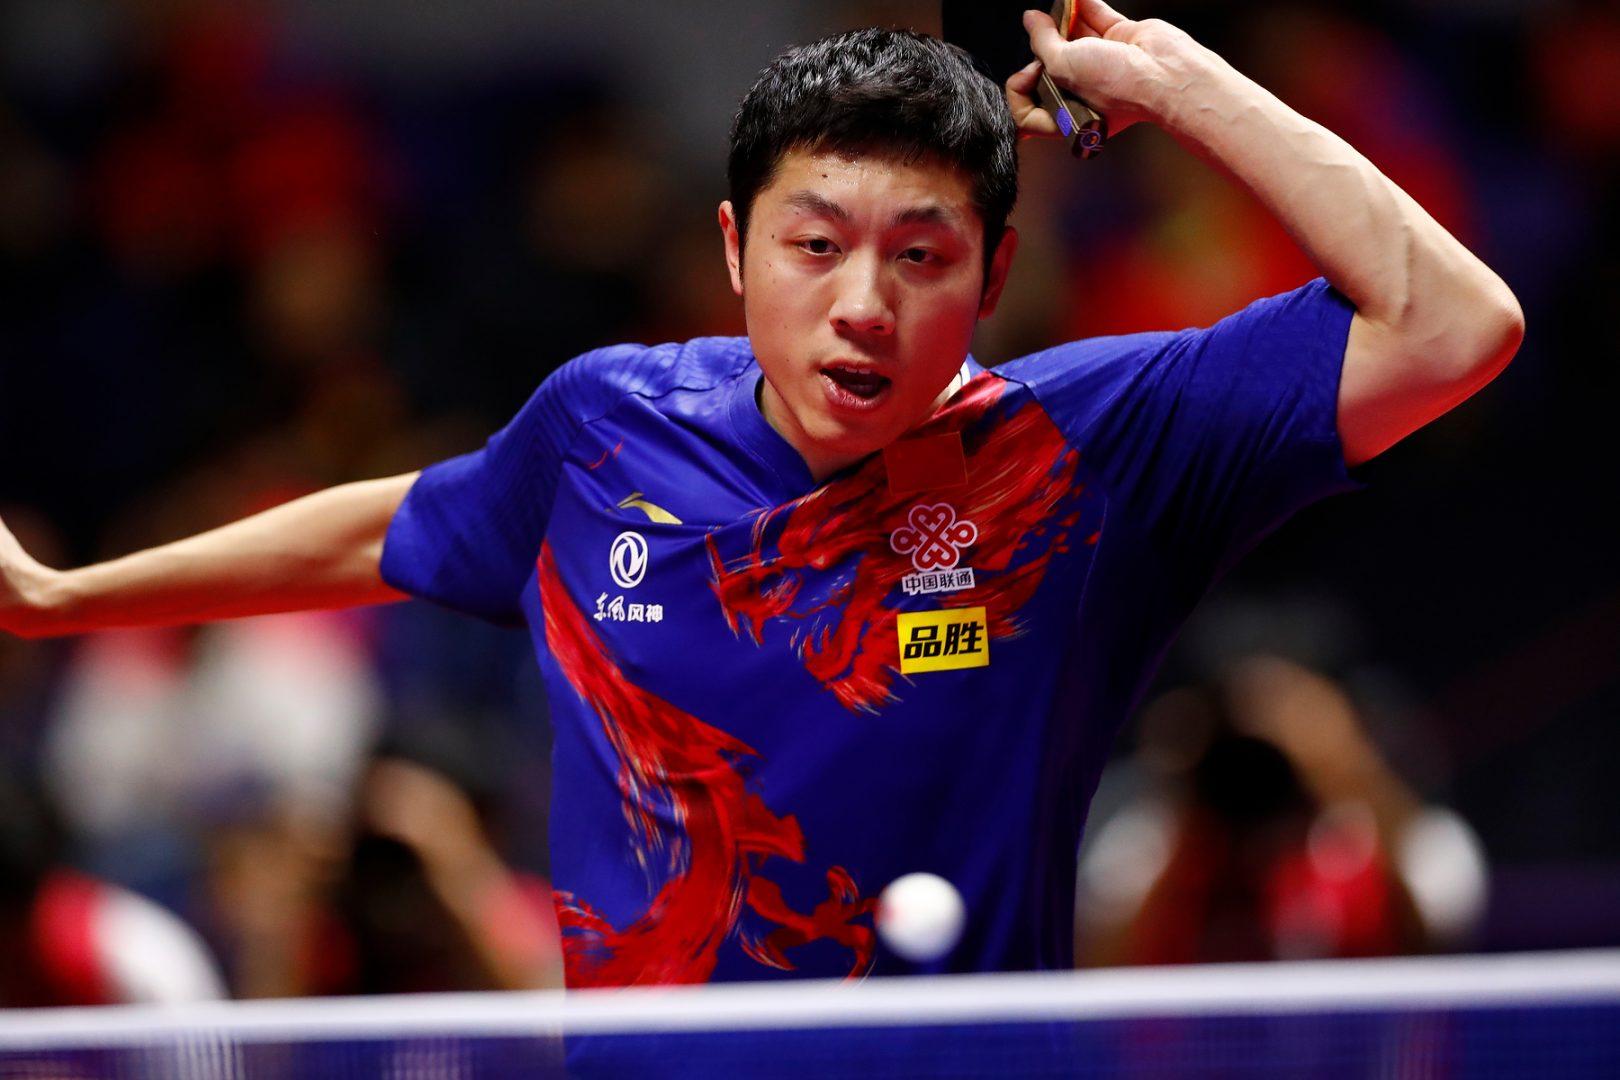 許昕が2015年以来のランキングトップに返り咲く|卓球男子世界ランキング(7月最新発表)